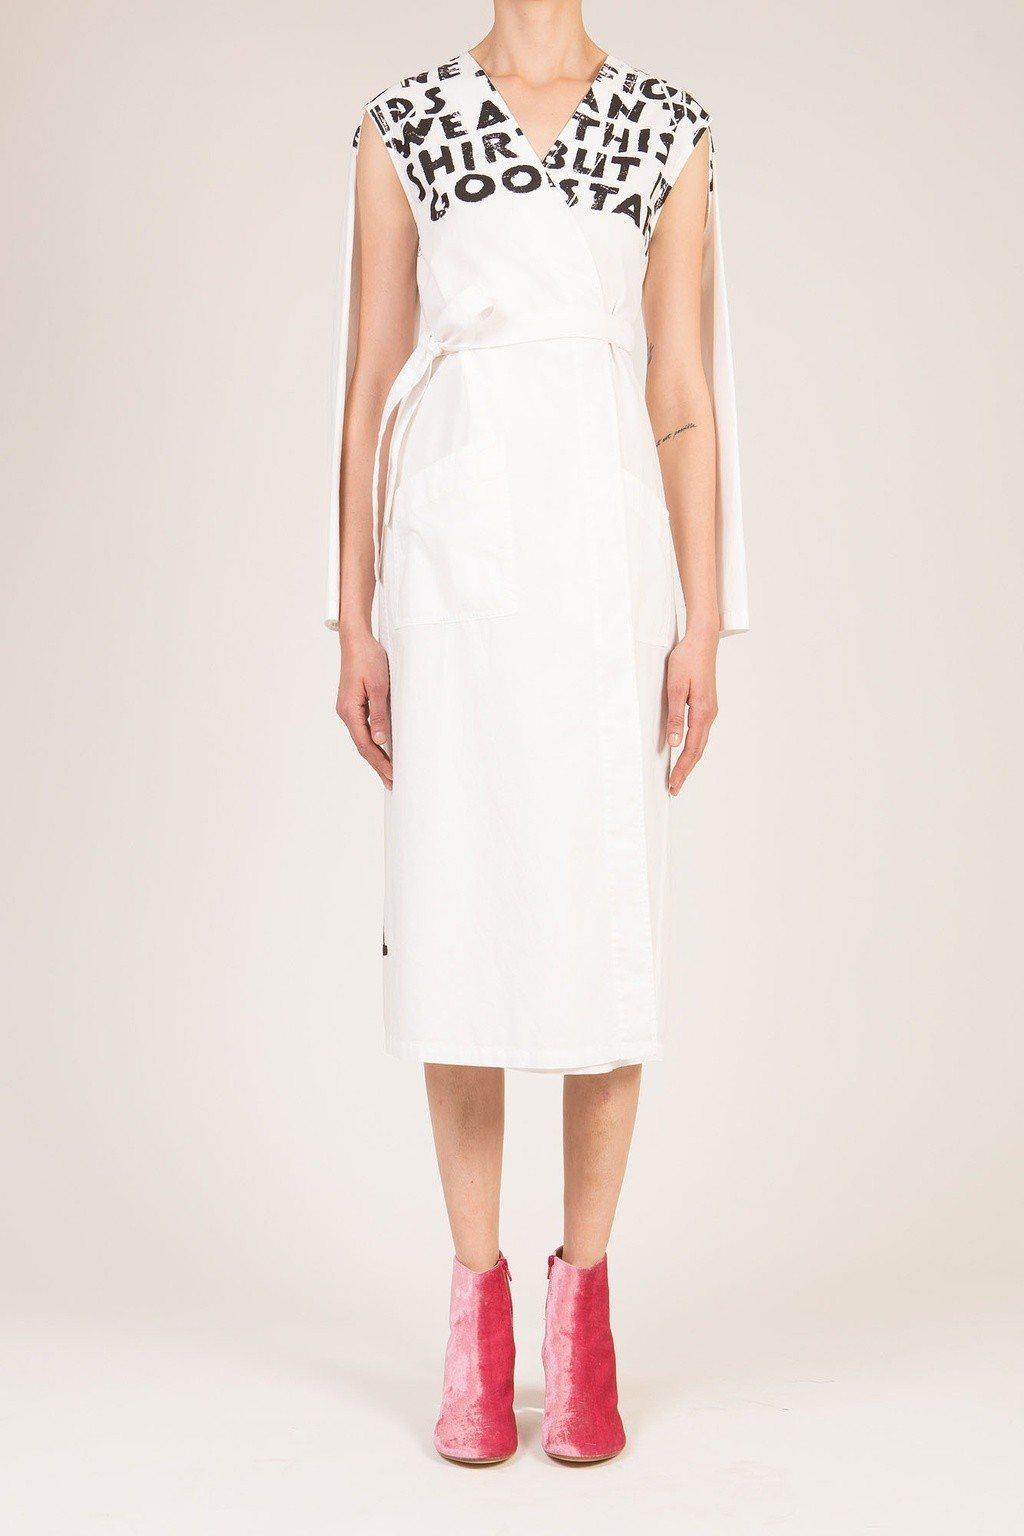 MM6經典對抗愛滋標語白色連身洋裝32,800元。圖/微風提供